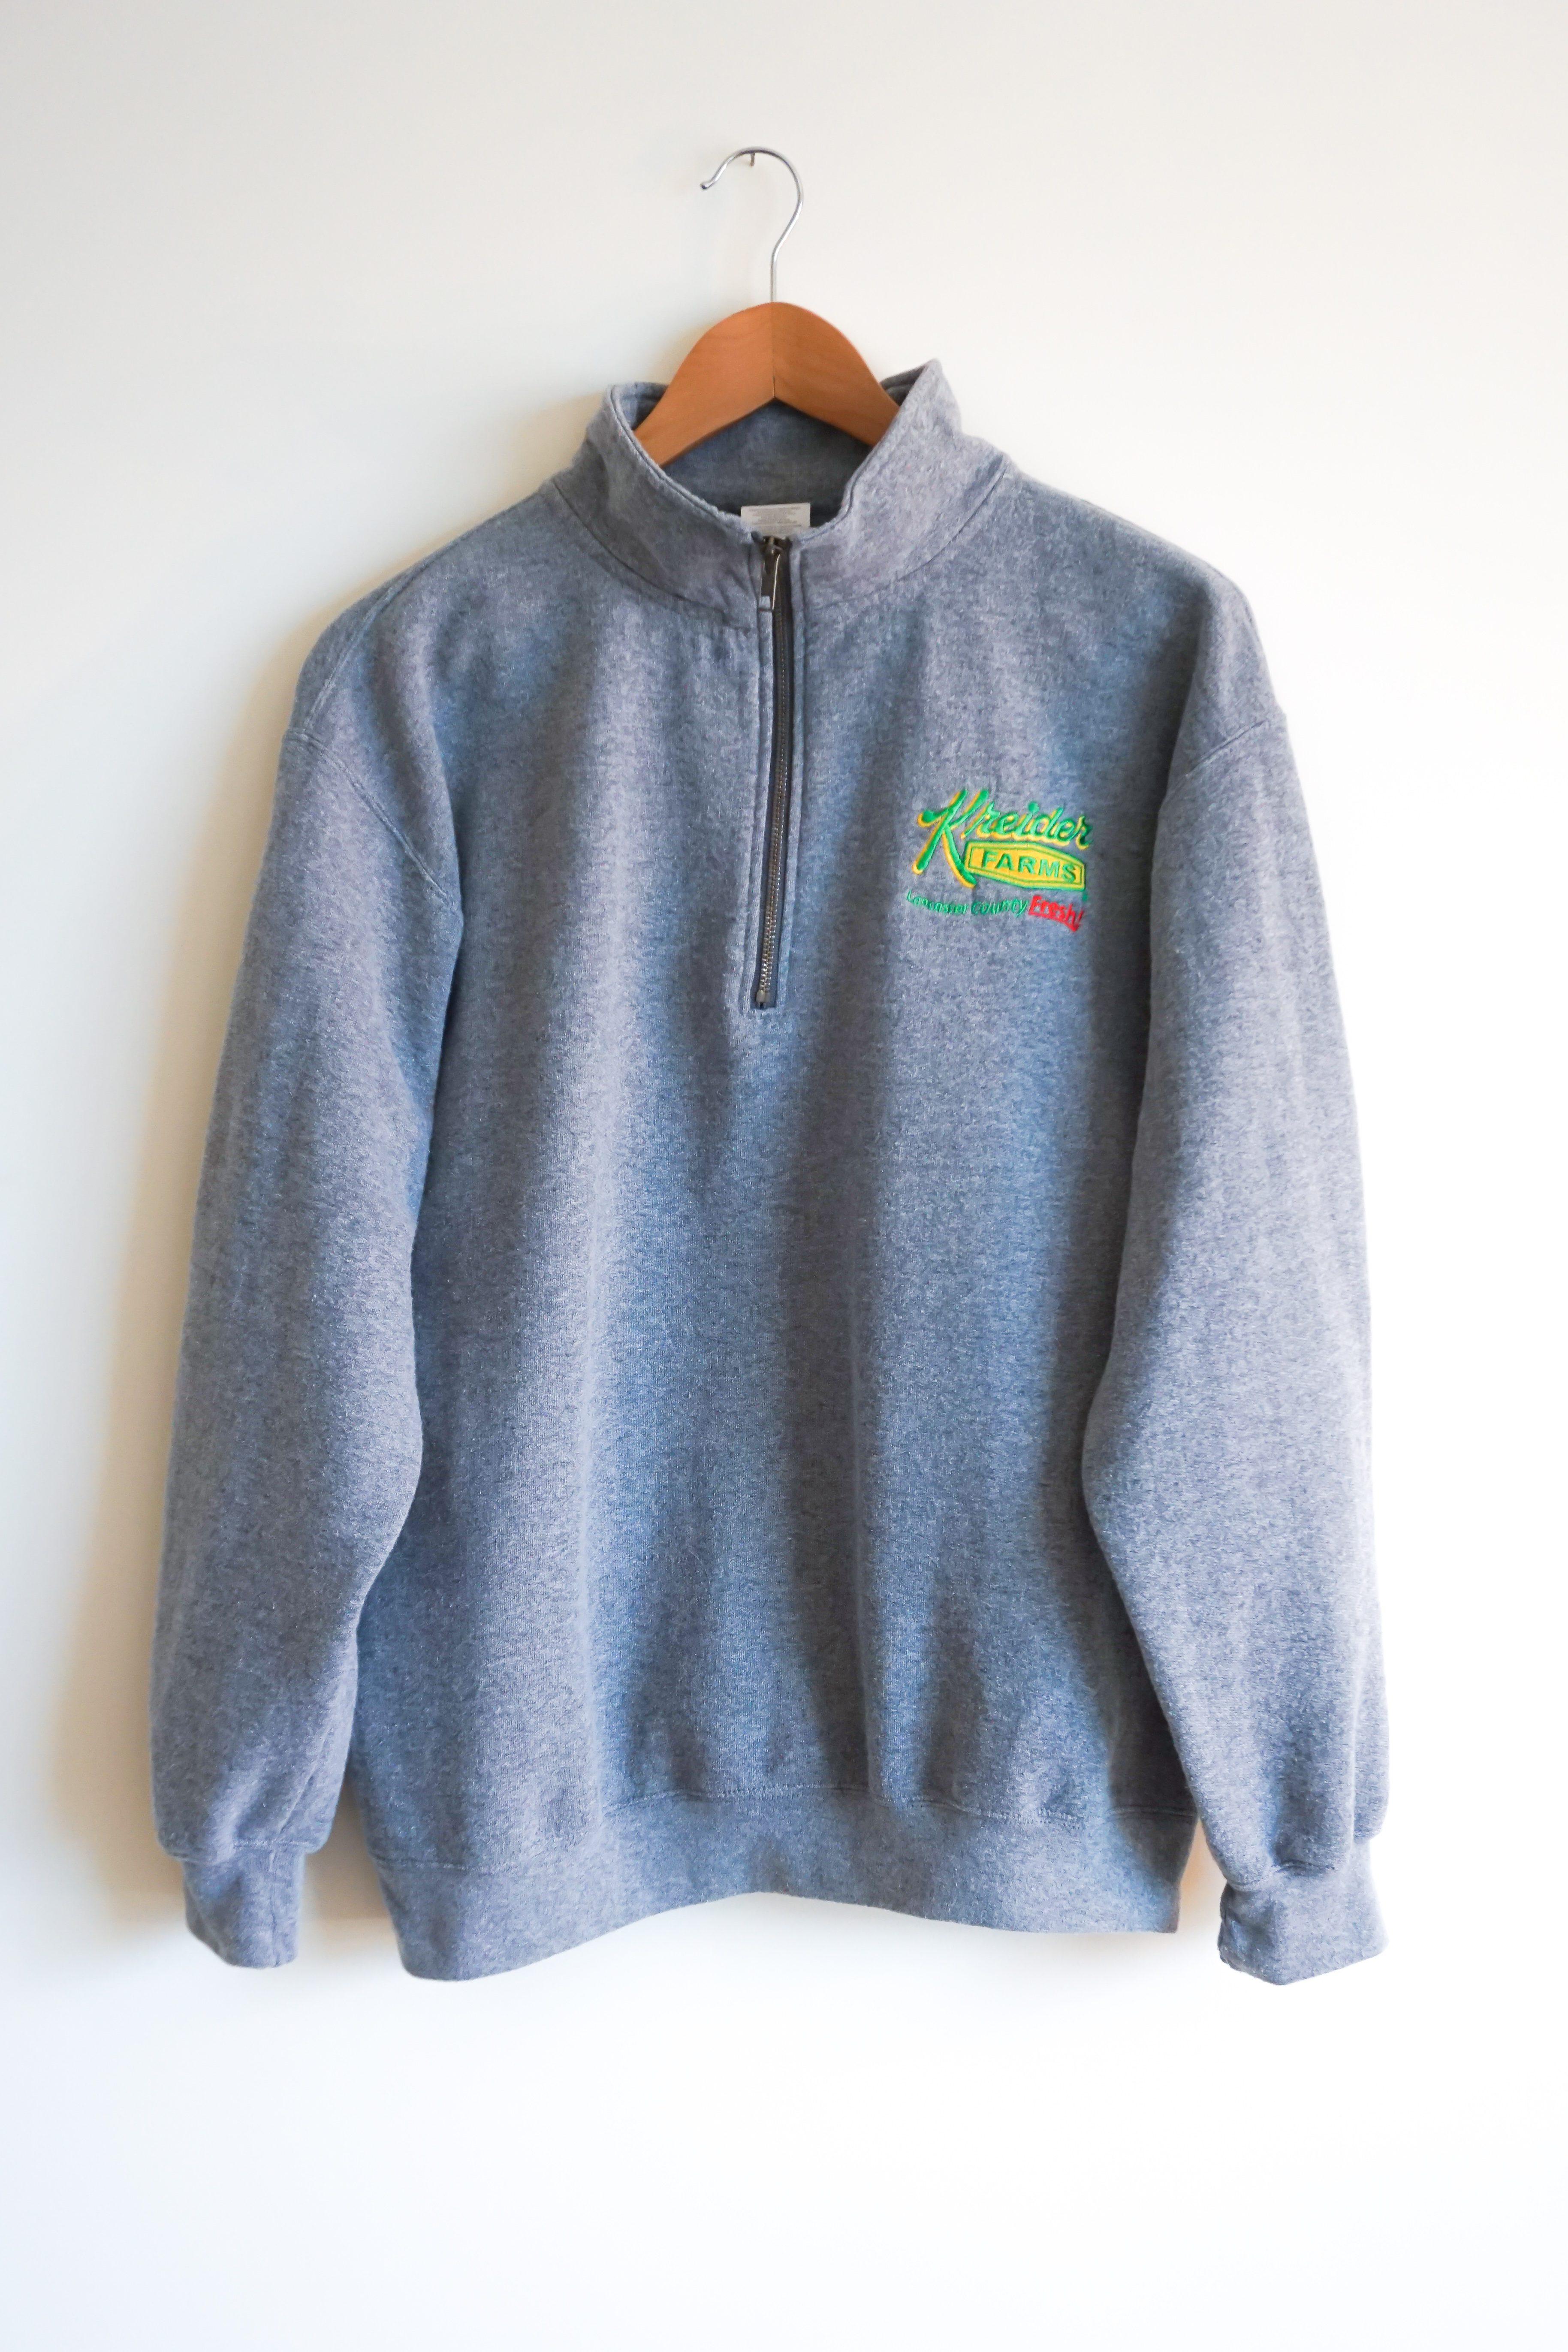 Quarter Zip Sweatshirt Front